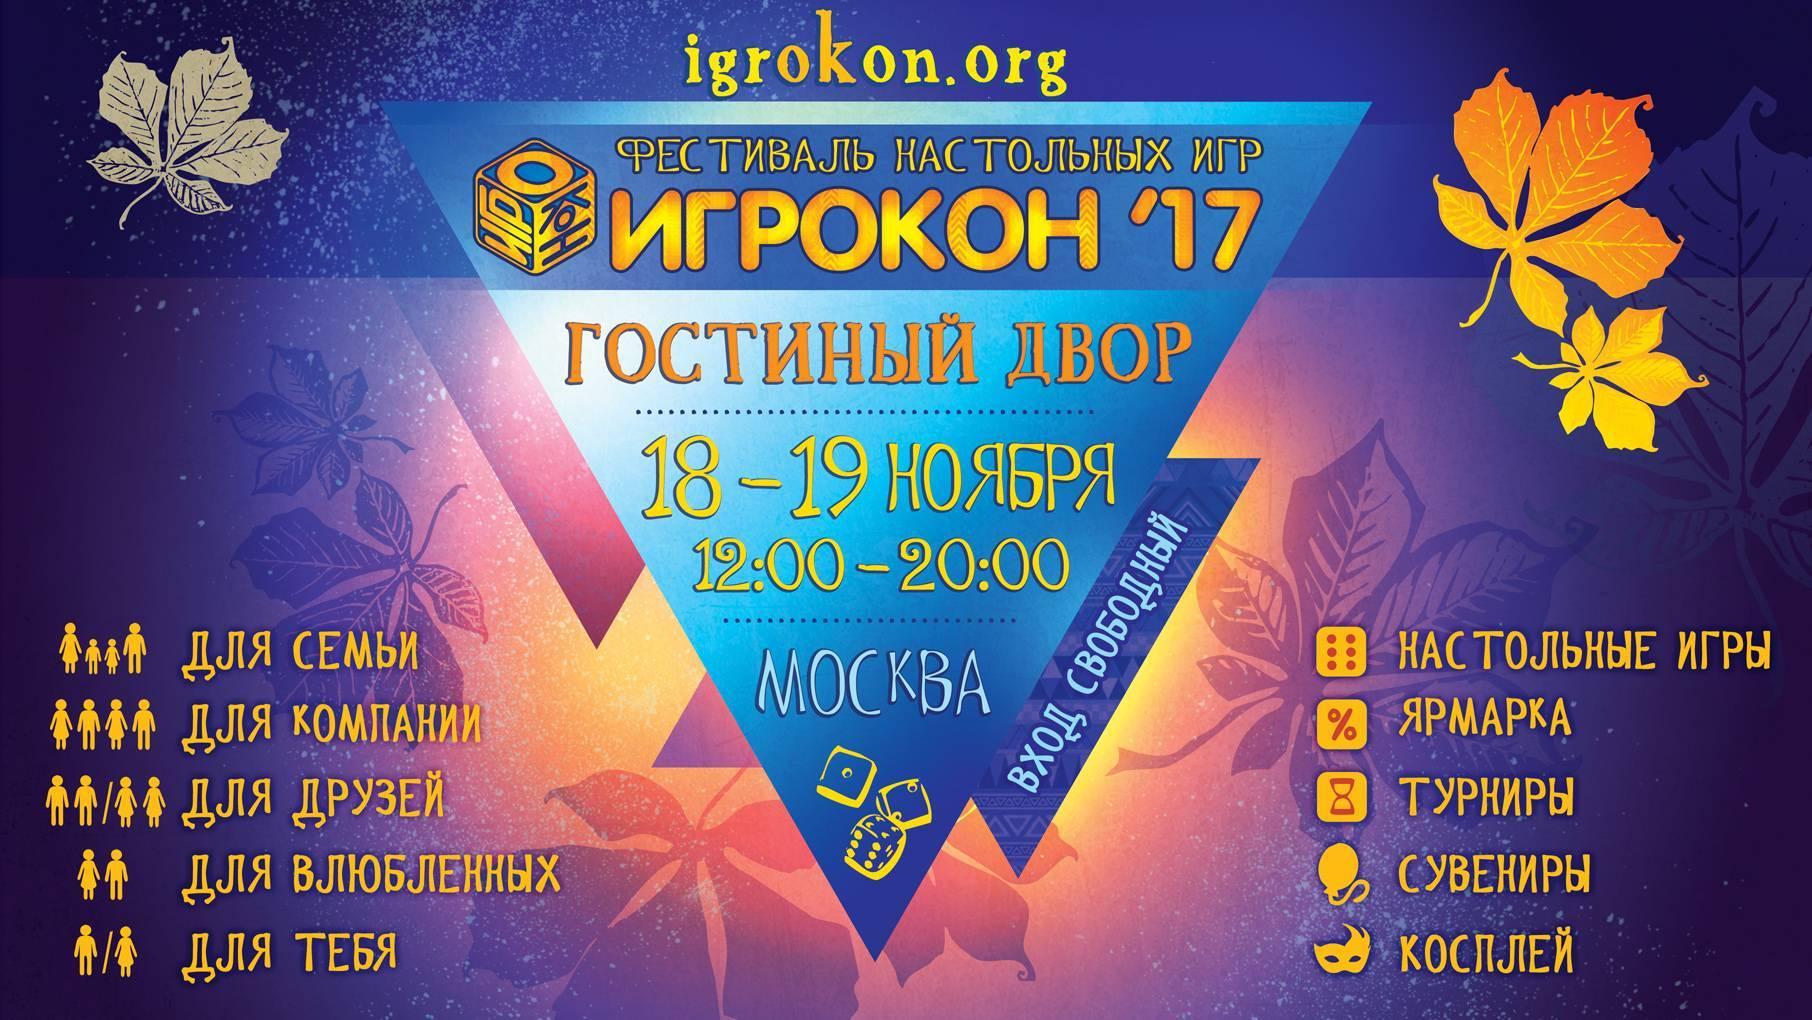 Фестиваль настольных игр «Игрокон»-2017 стартует в эти выходные!